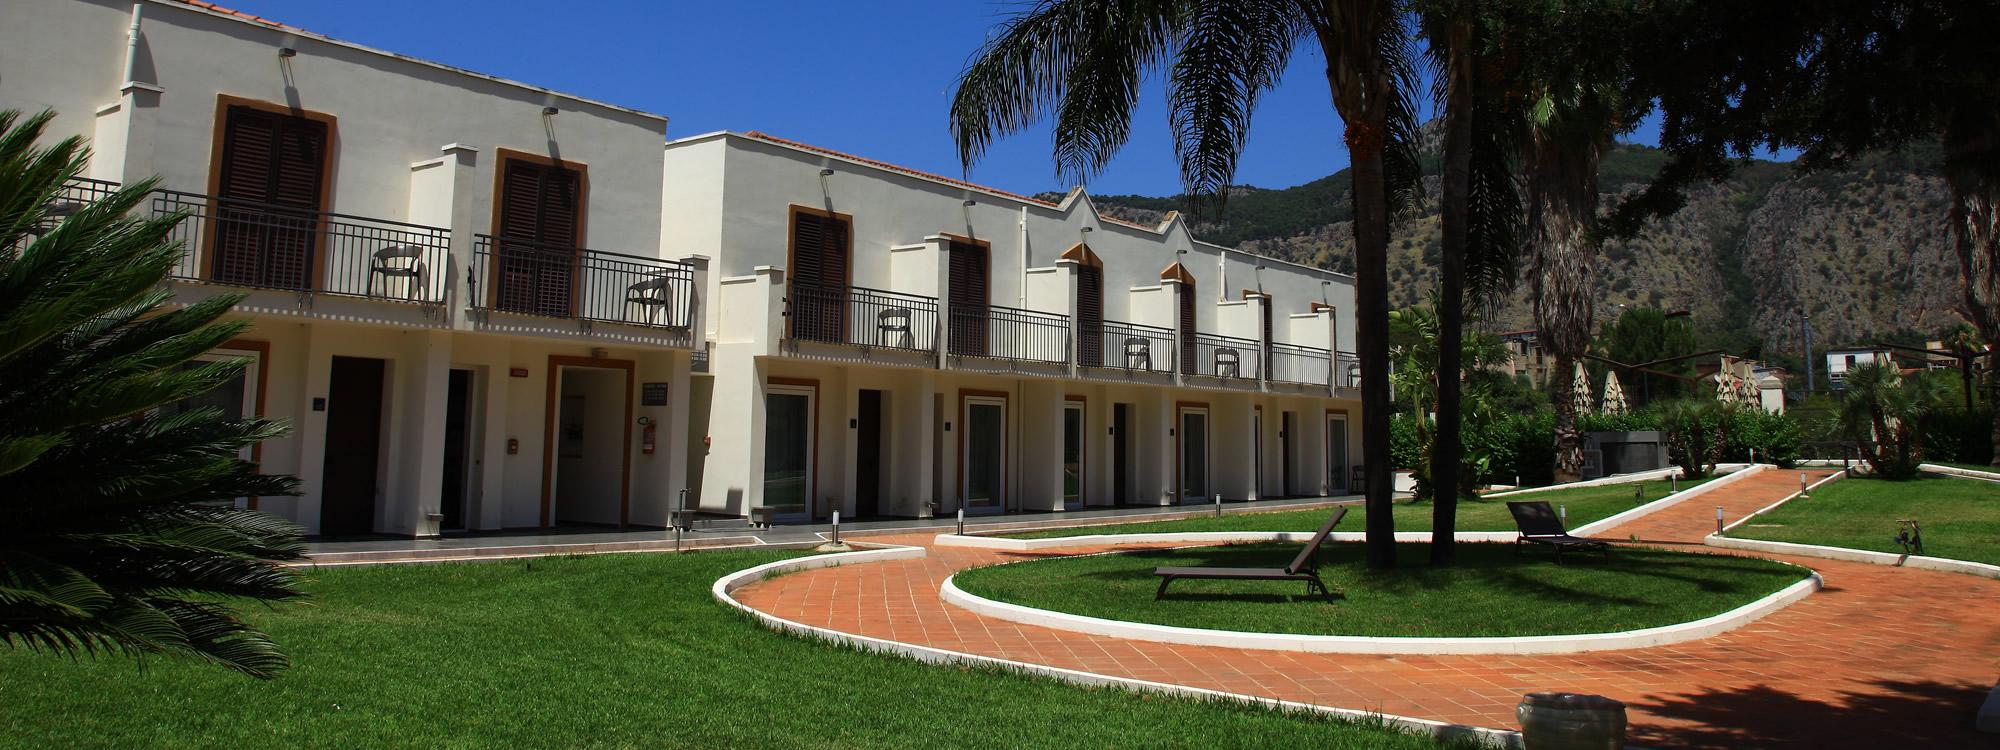 Hotel Casena Dei Colli Palermo – Useful Links